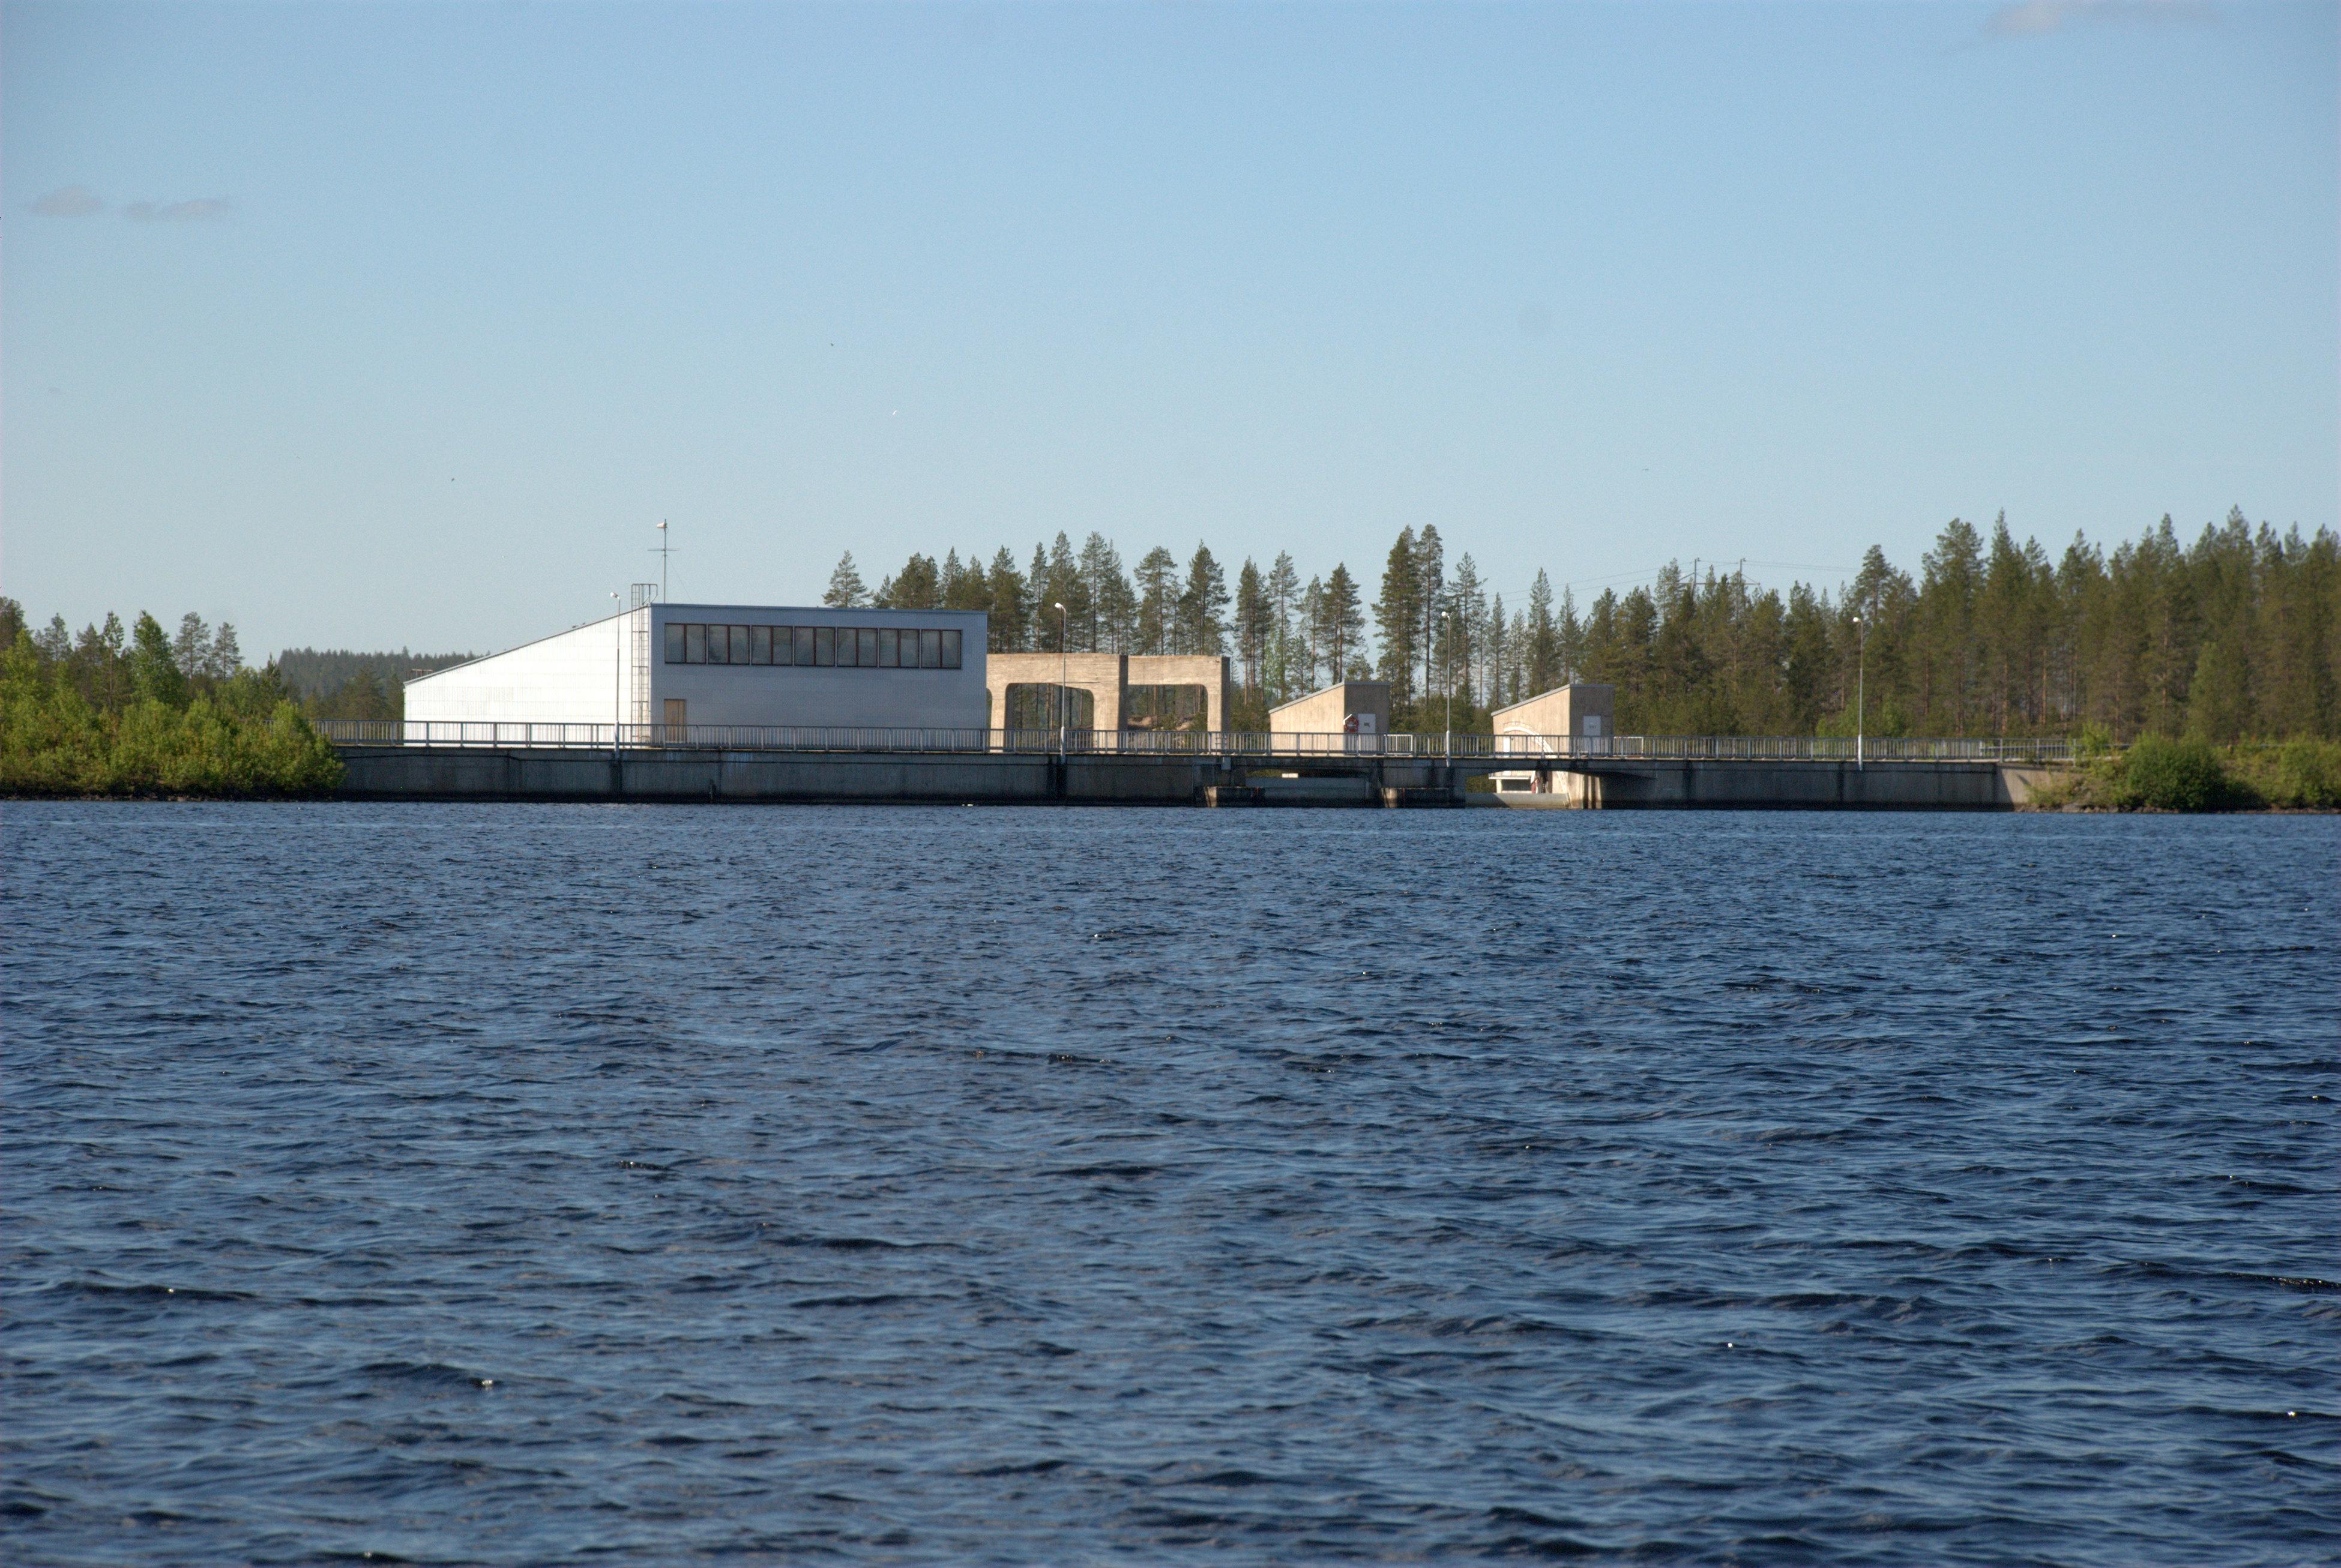 Aittokoski hydro power plant